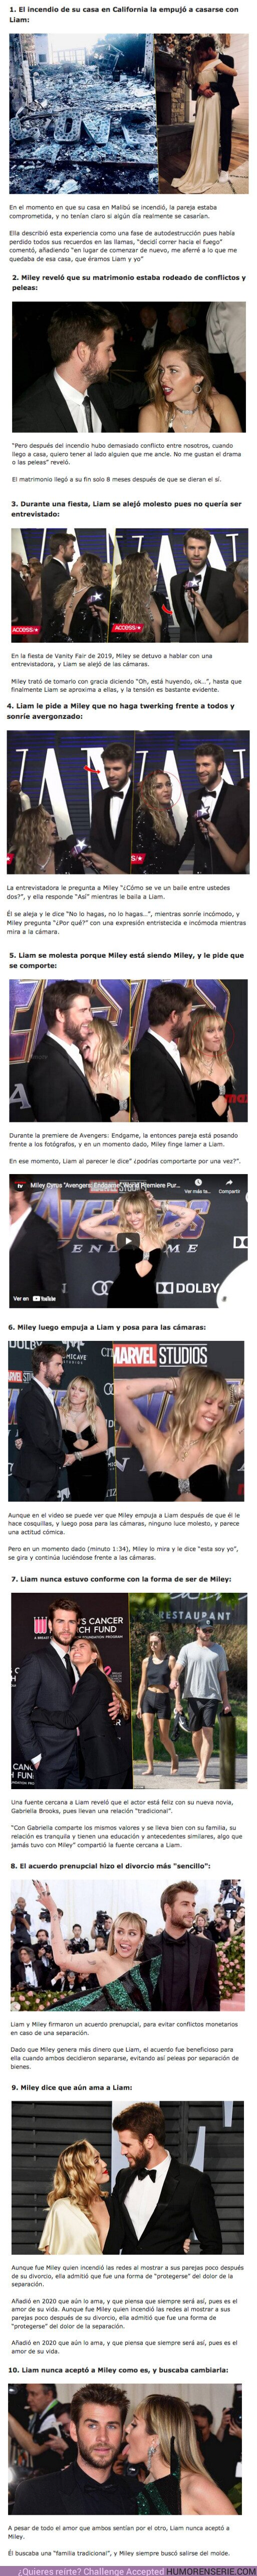 74507 - GALERÍA: 10 Actitudes de Liams Hemsworth que tuvieron la culpa del divorcio con Miley Cyrus